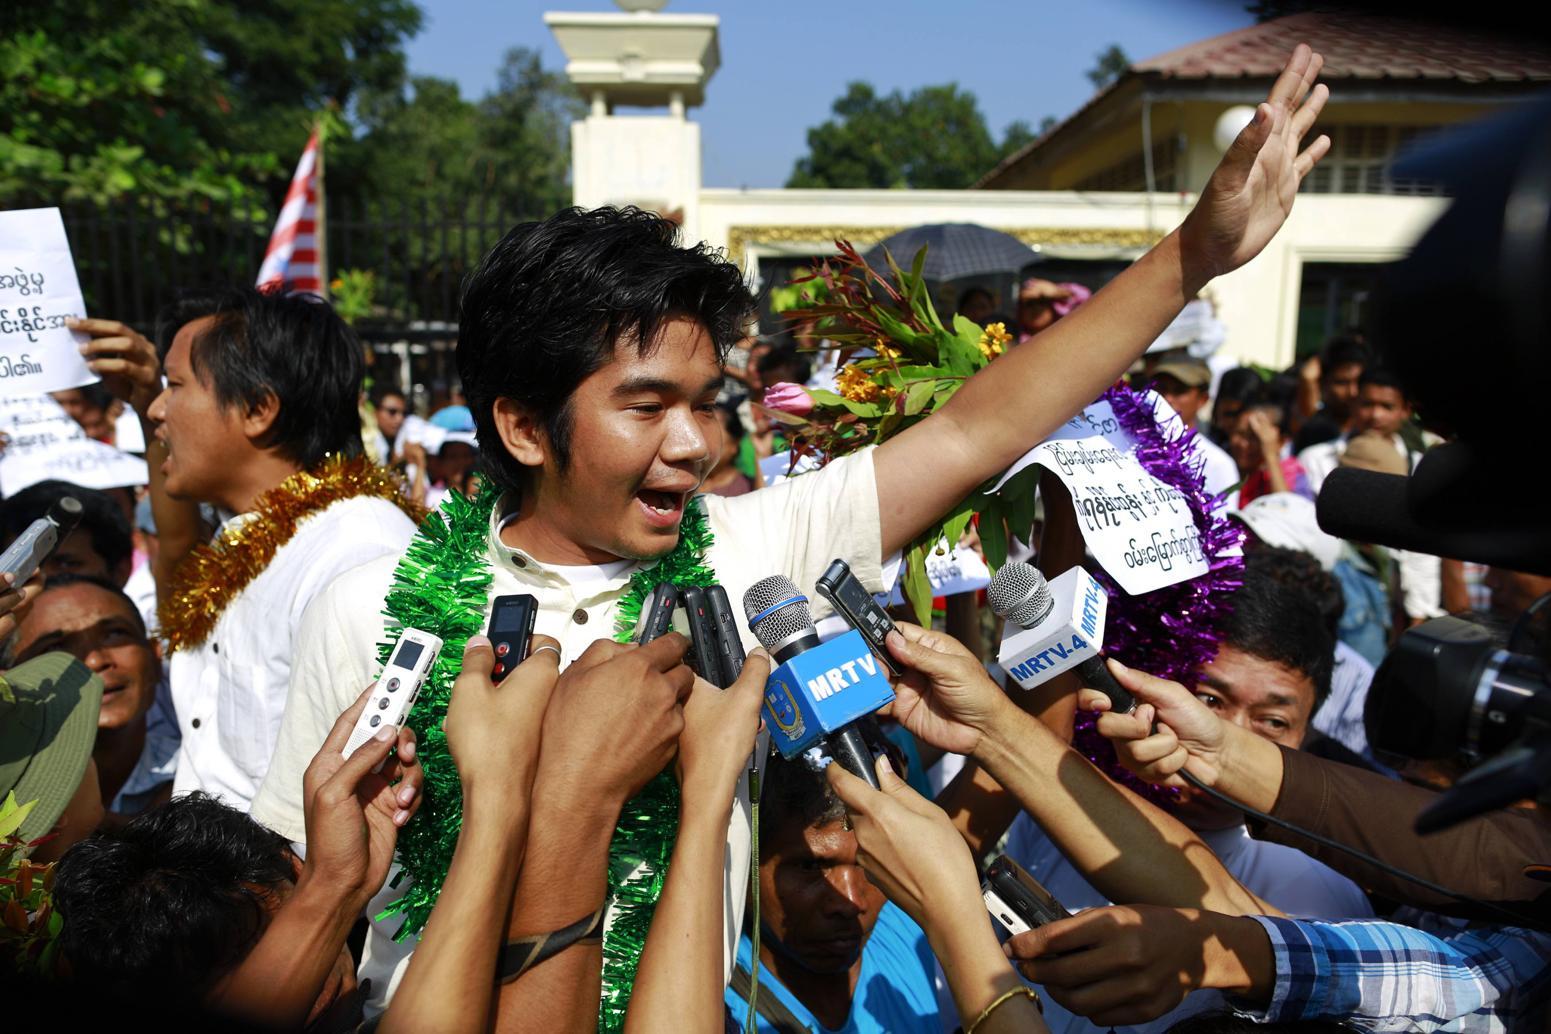 លោក Yan Naing Tun អ្នកទោសនយោបាយភូមា និយាយជាមួយអ្នកសែត នៅទីក្រុង Yangon កាលពីថ្ងៃ ៣១ ខែធ្នូ ឆ្នាំ ២០១៣ ។